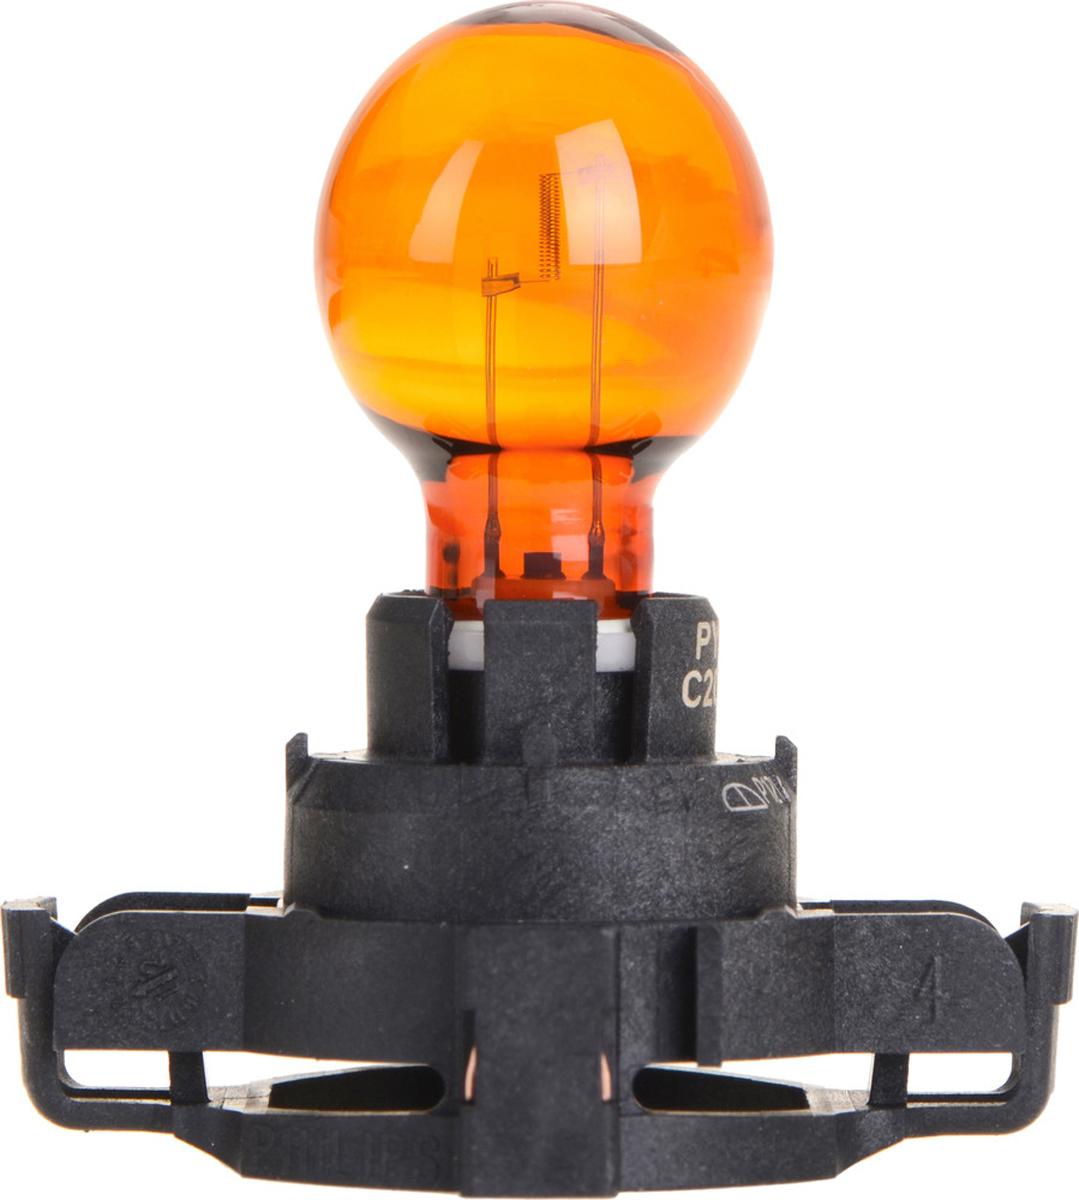 Лампа автомобильная галогенная Philips Vision, сигнальная, цоколь PY24W (PGU20/4), 12V, 24W12190NAC1Автомобильная лампа Philips Vision изготовлена из запатентованного кварцевого стекла с УФ- фильтром Philips Quartz Glass. Кварцевое стекло в отличие от обычного стекла выдерживает гораздо большее давление и больший перепад температур. При попадании влаги на работающую лампу, лампа не взрывается и продолжает работать. Лампа Philips Vision производит на 30% больше света по сравнению со стандартной лампой, благодаря чему стоп-сигналы или указатели поворота будут заметны с большего расстояния. Лампа Philips Vision отличается высокой эффективностью, соответствуя всем современным требованиям.